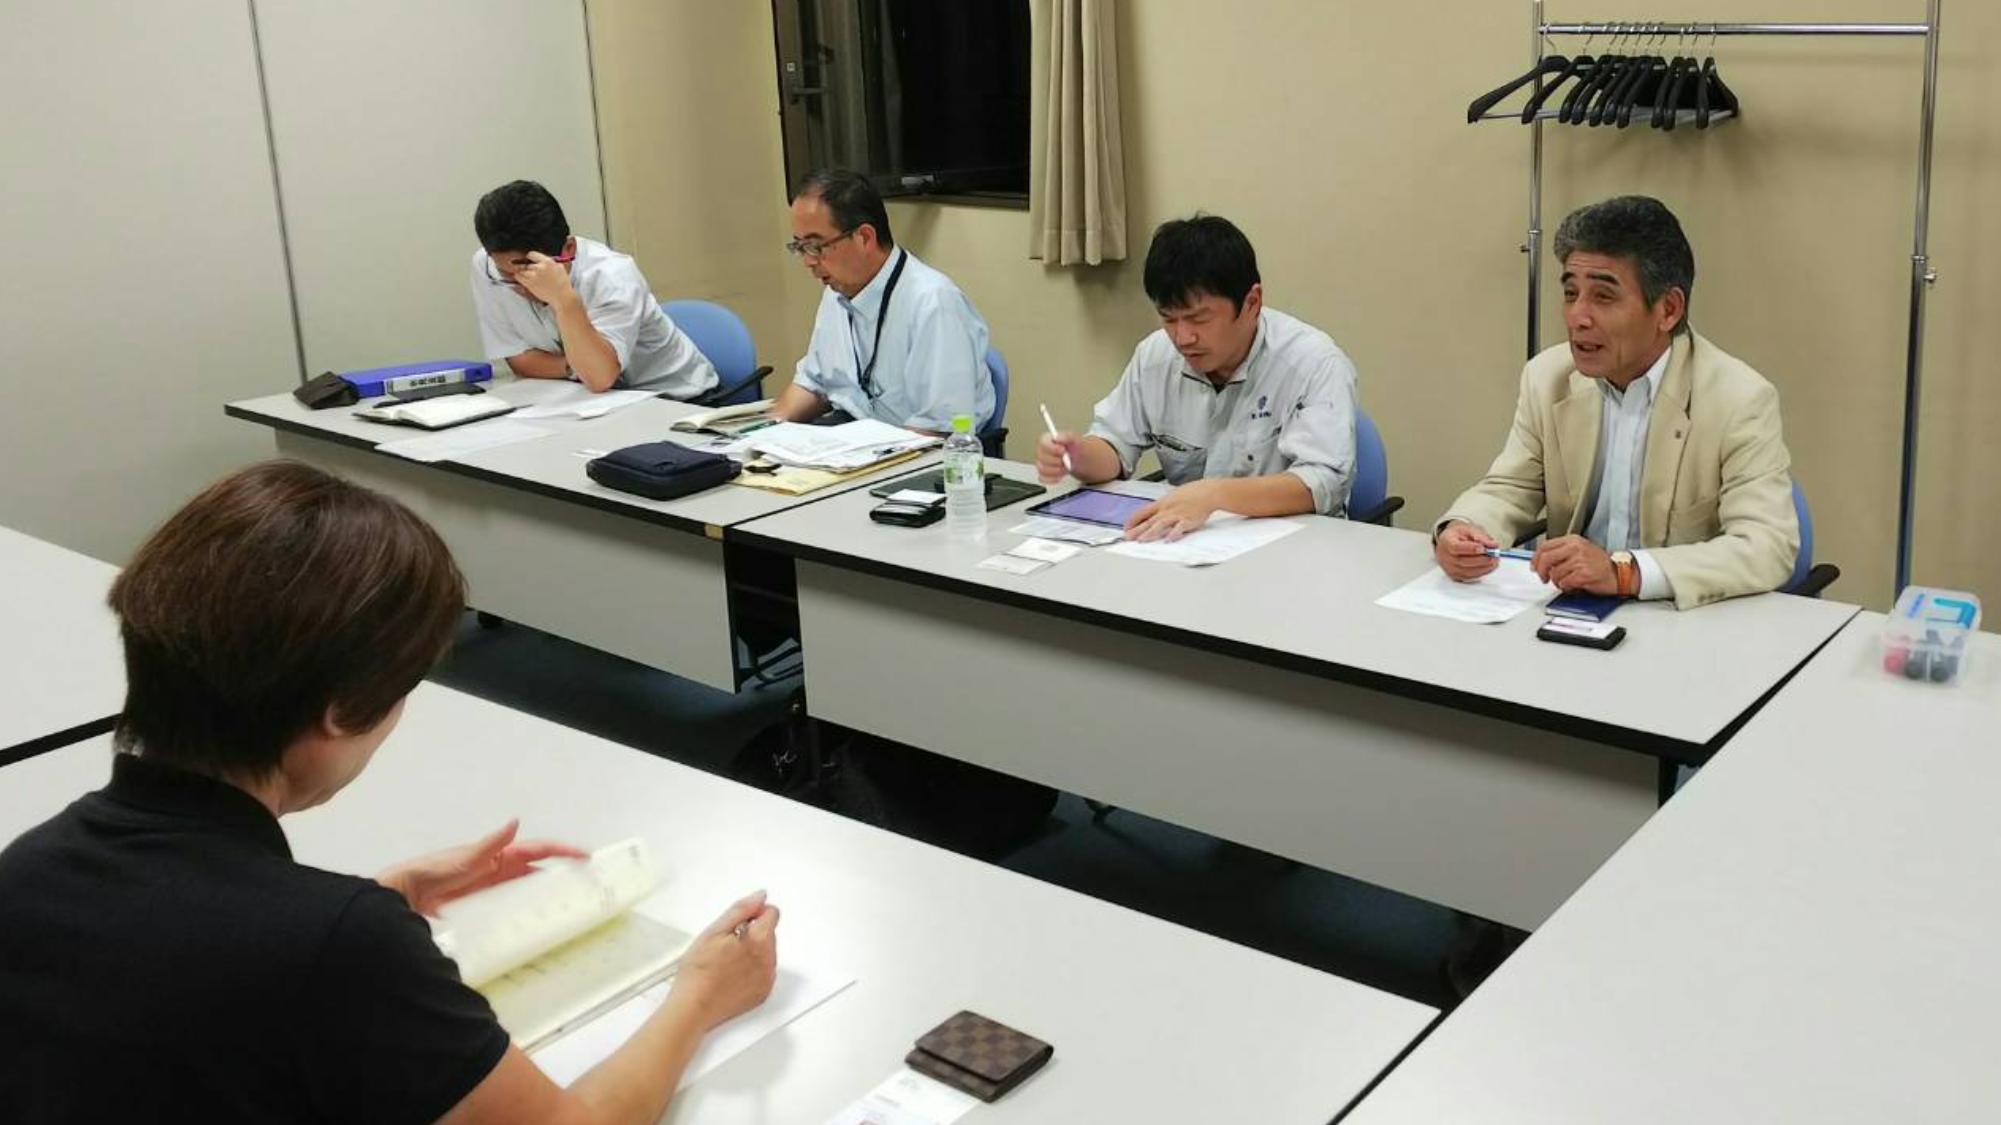 【氷見支部】初めての幹事会を開催!